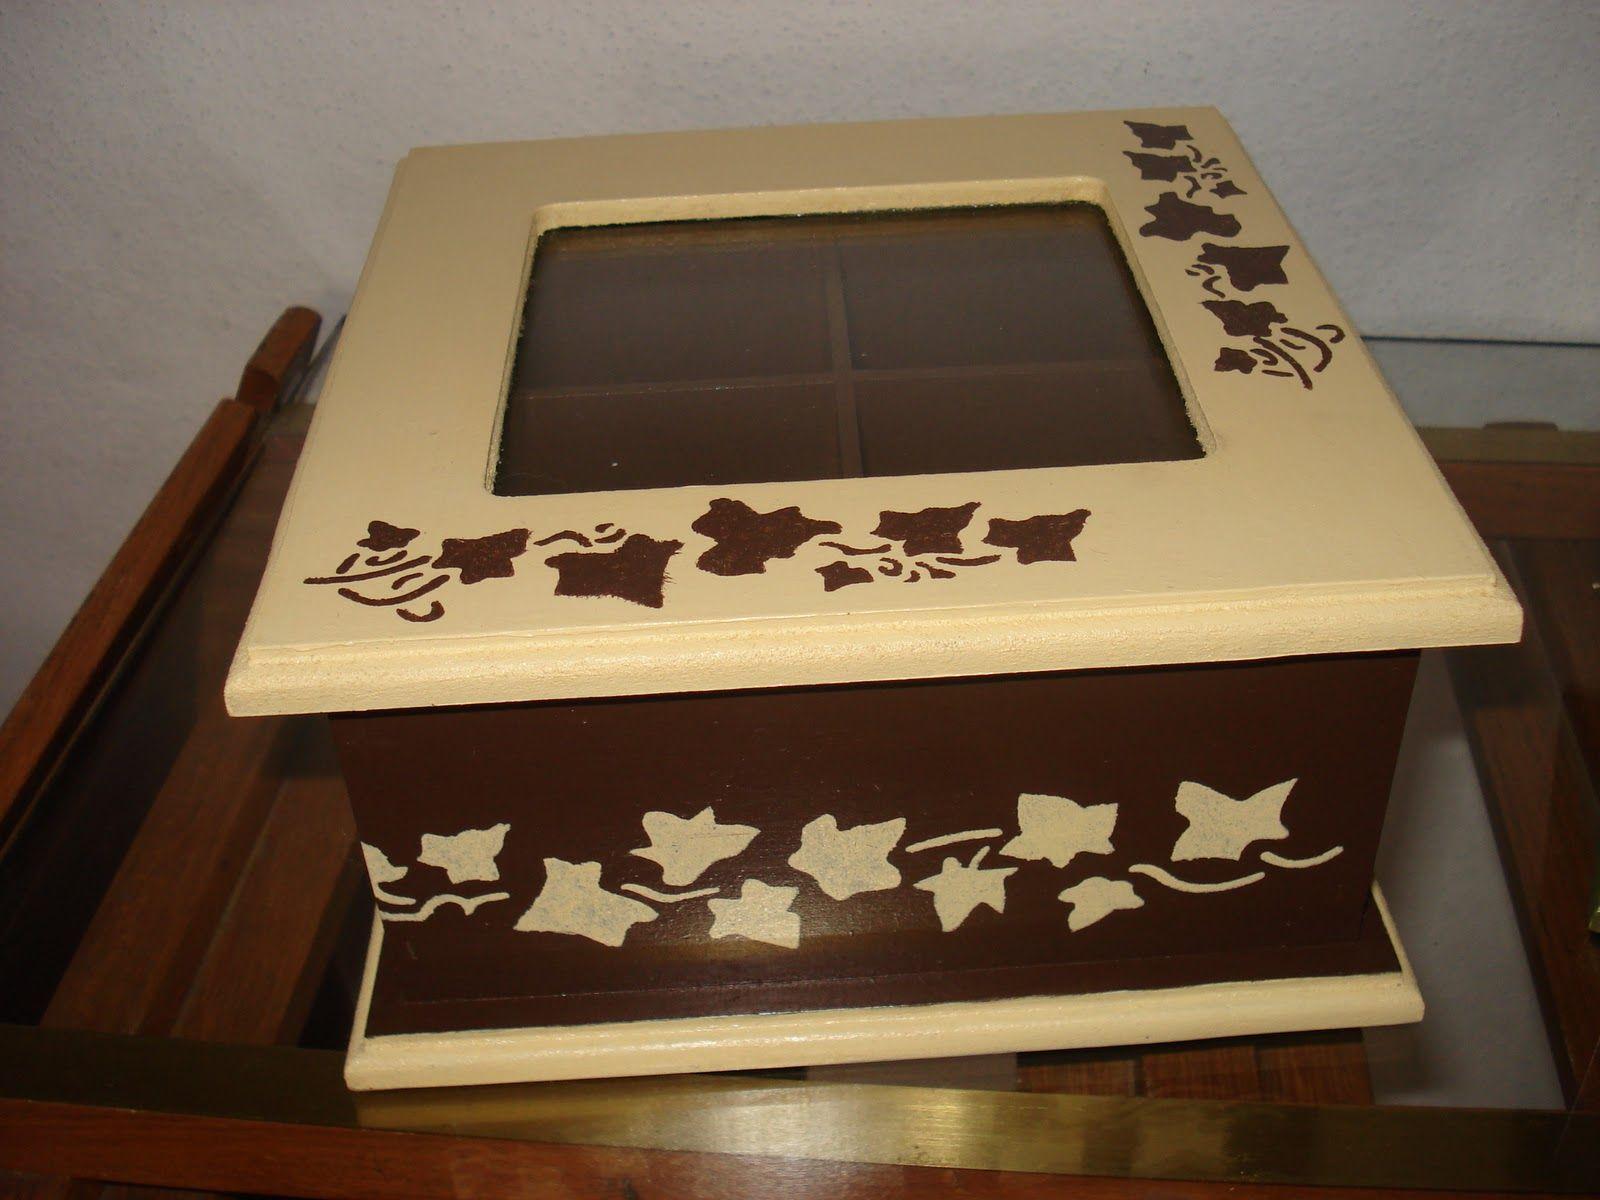 Cajas de madera pintadas a mano y trabajadas con stencil - Manualidades con cajas de madera ...